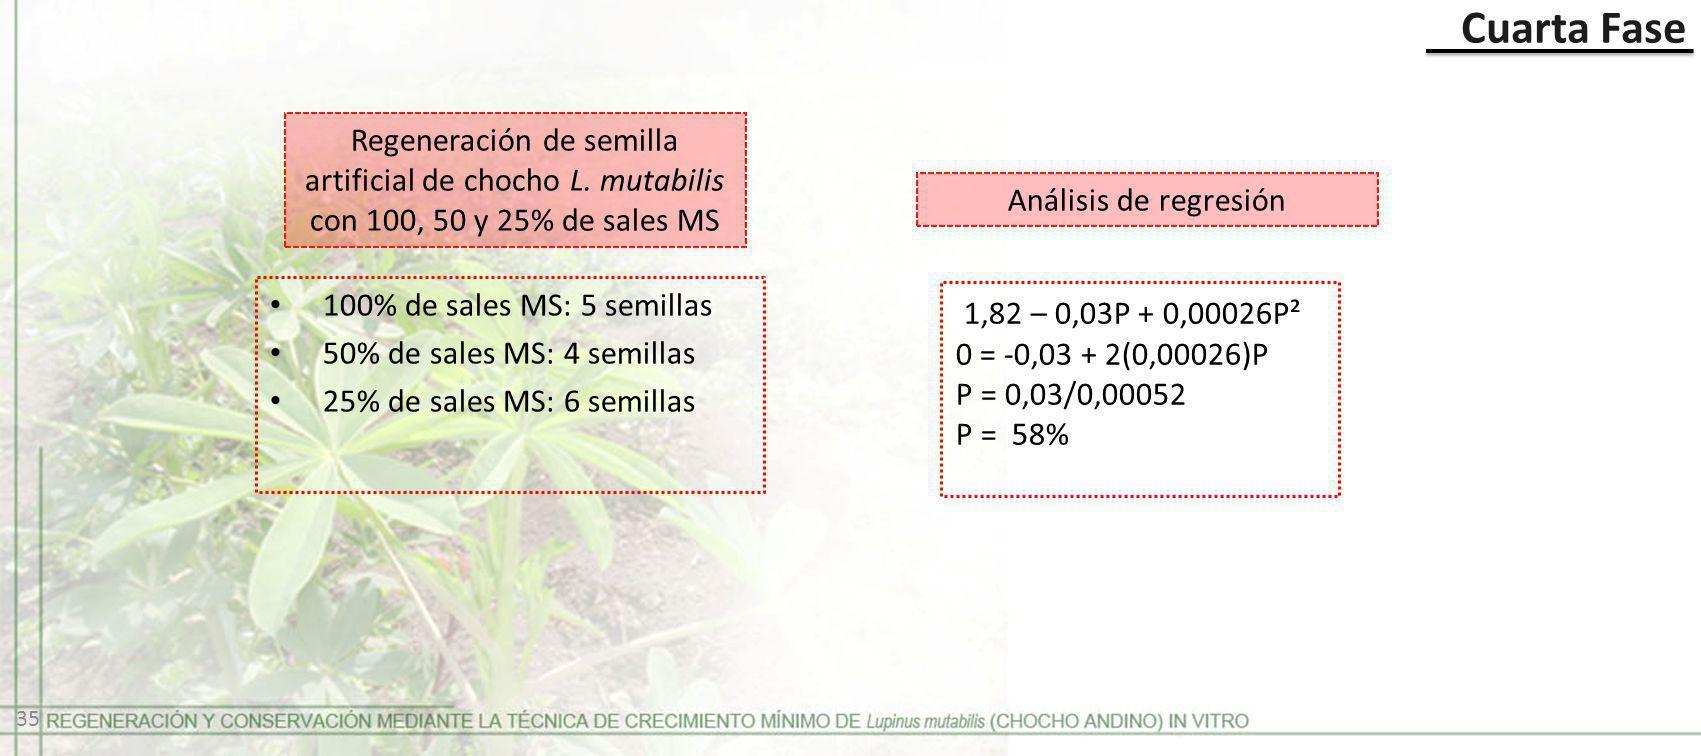 Cuarta Fase Regeneración de semilla artificial de chocho L. mutabilis con 100, 50 y 25% de sales MS Análisis de regresión 100% de sales MS: 5 semillas